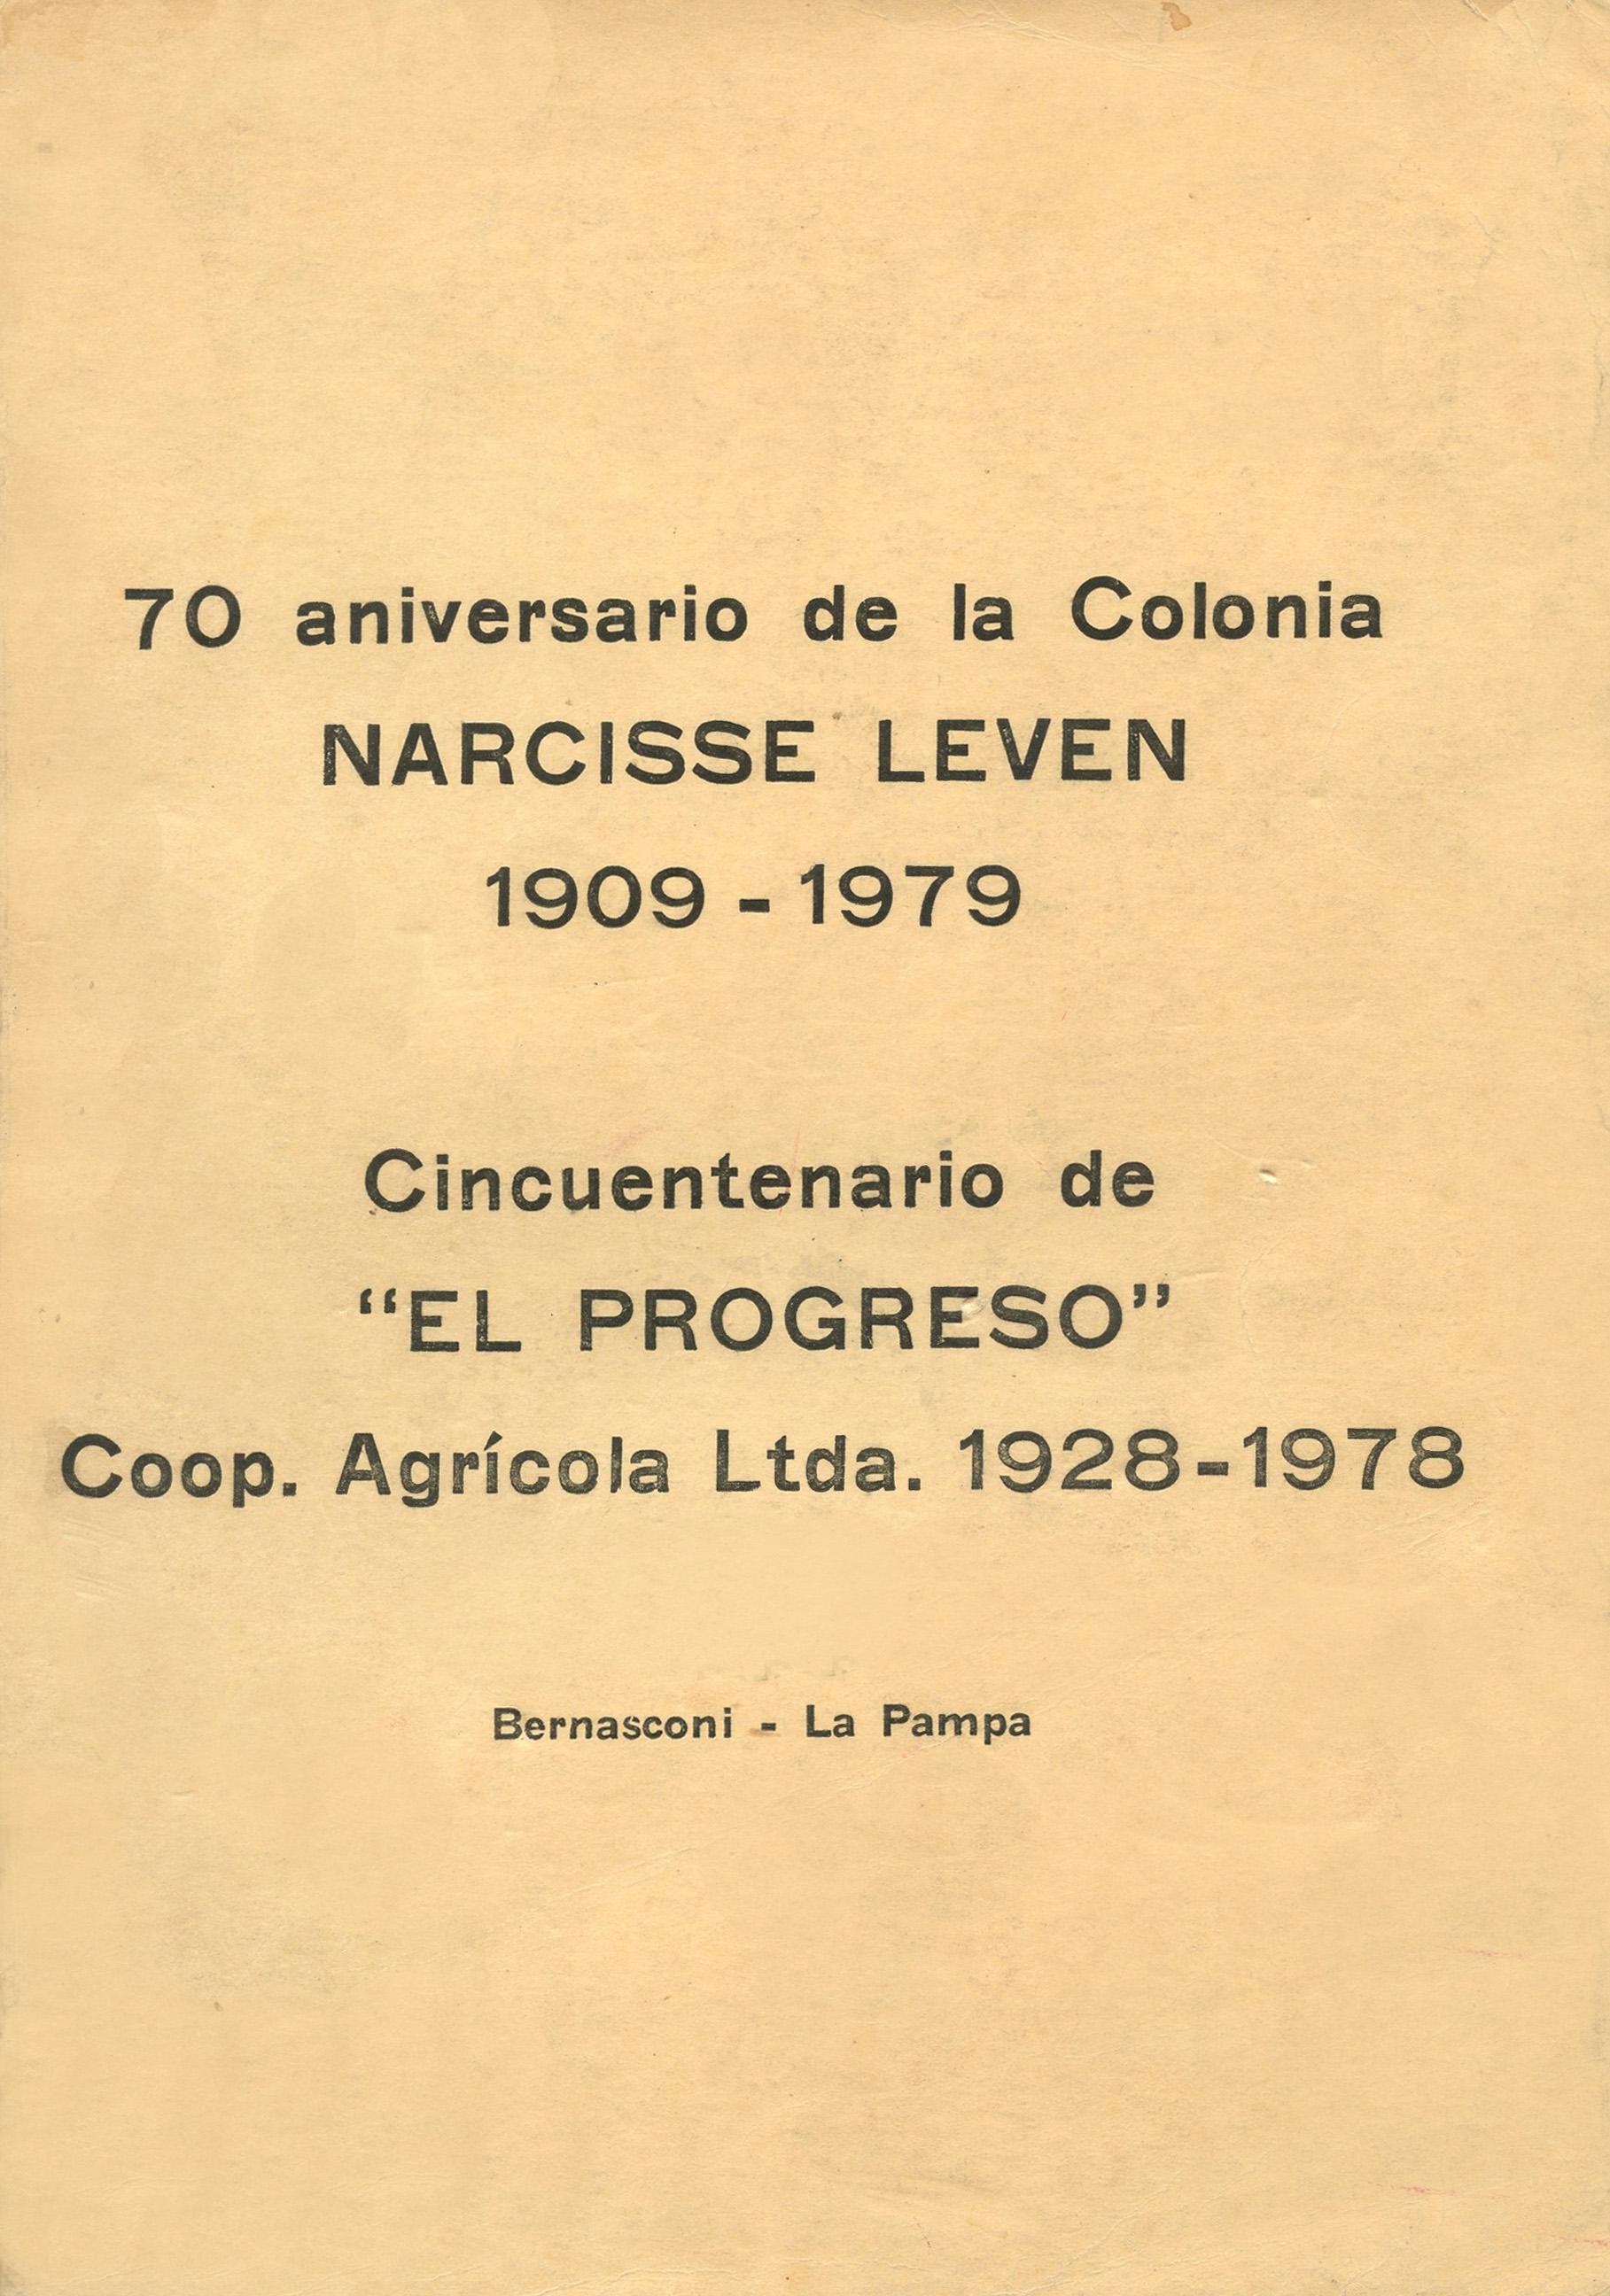 70 aniversario de la Colonia Narcisse Leven, 1909-1979: bodas de oro de «El Progreso» coop. Agrícola Ltda. 1928-1978